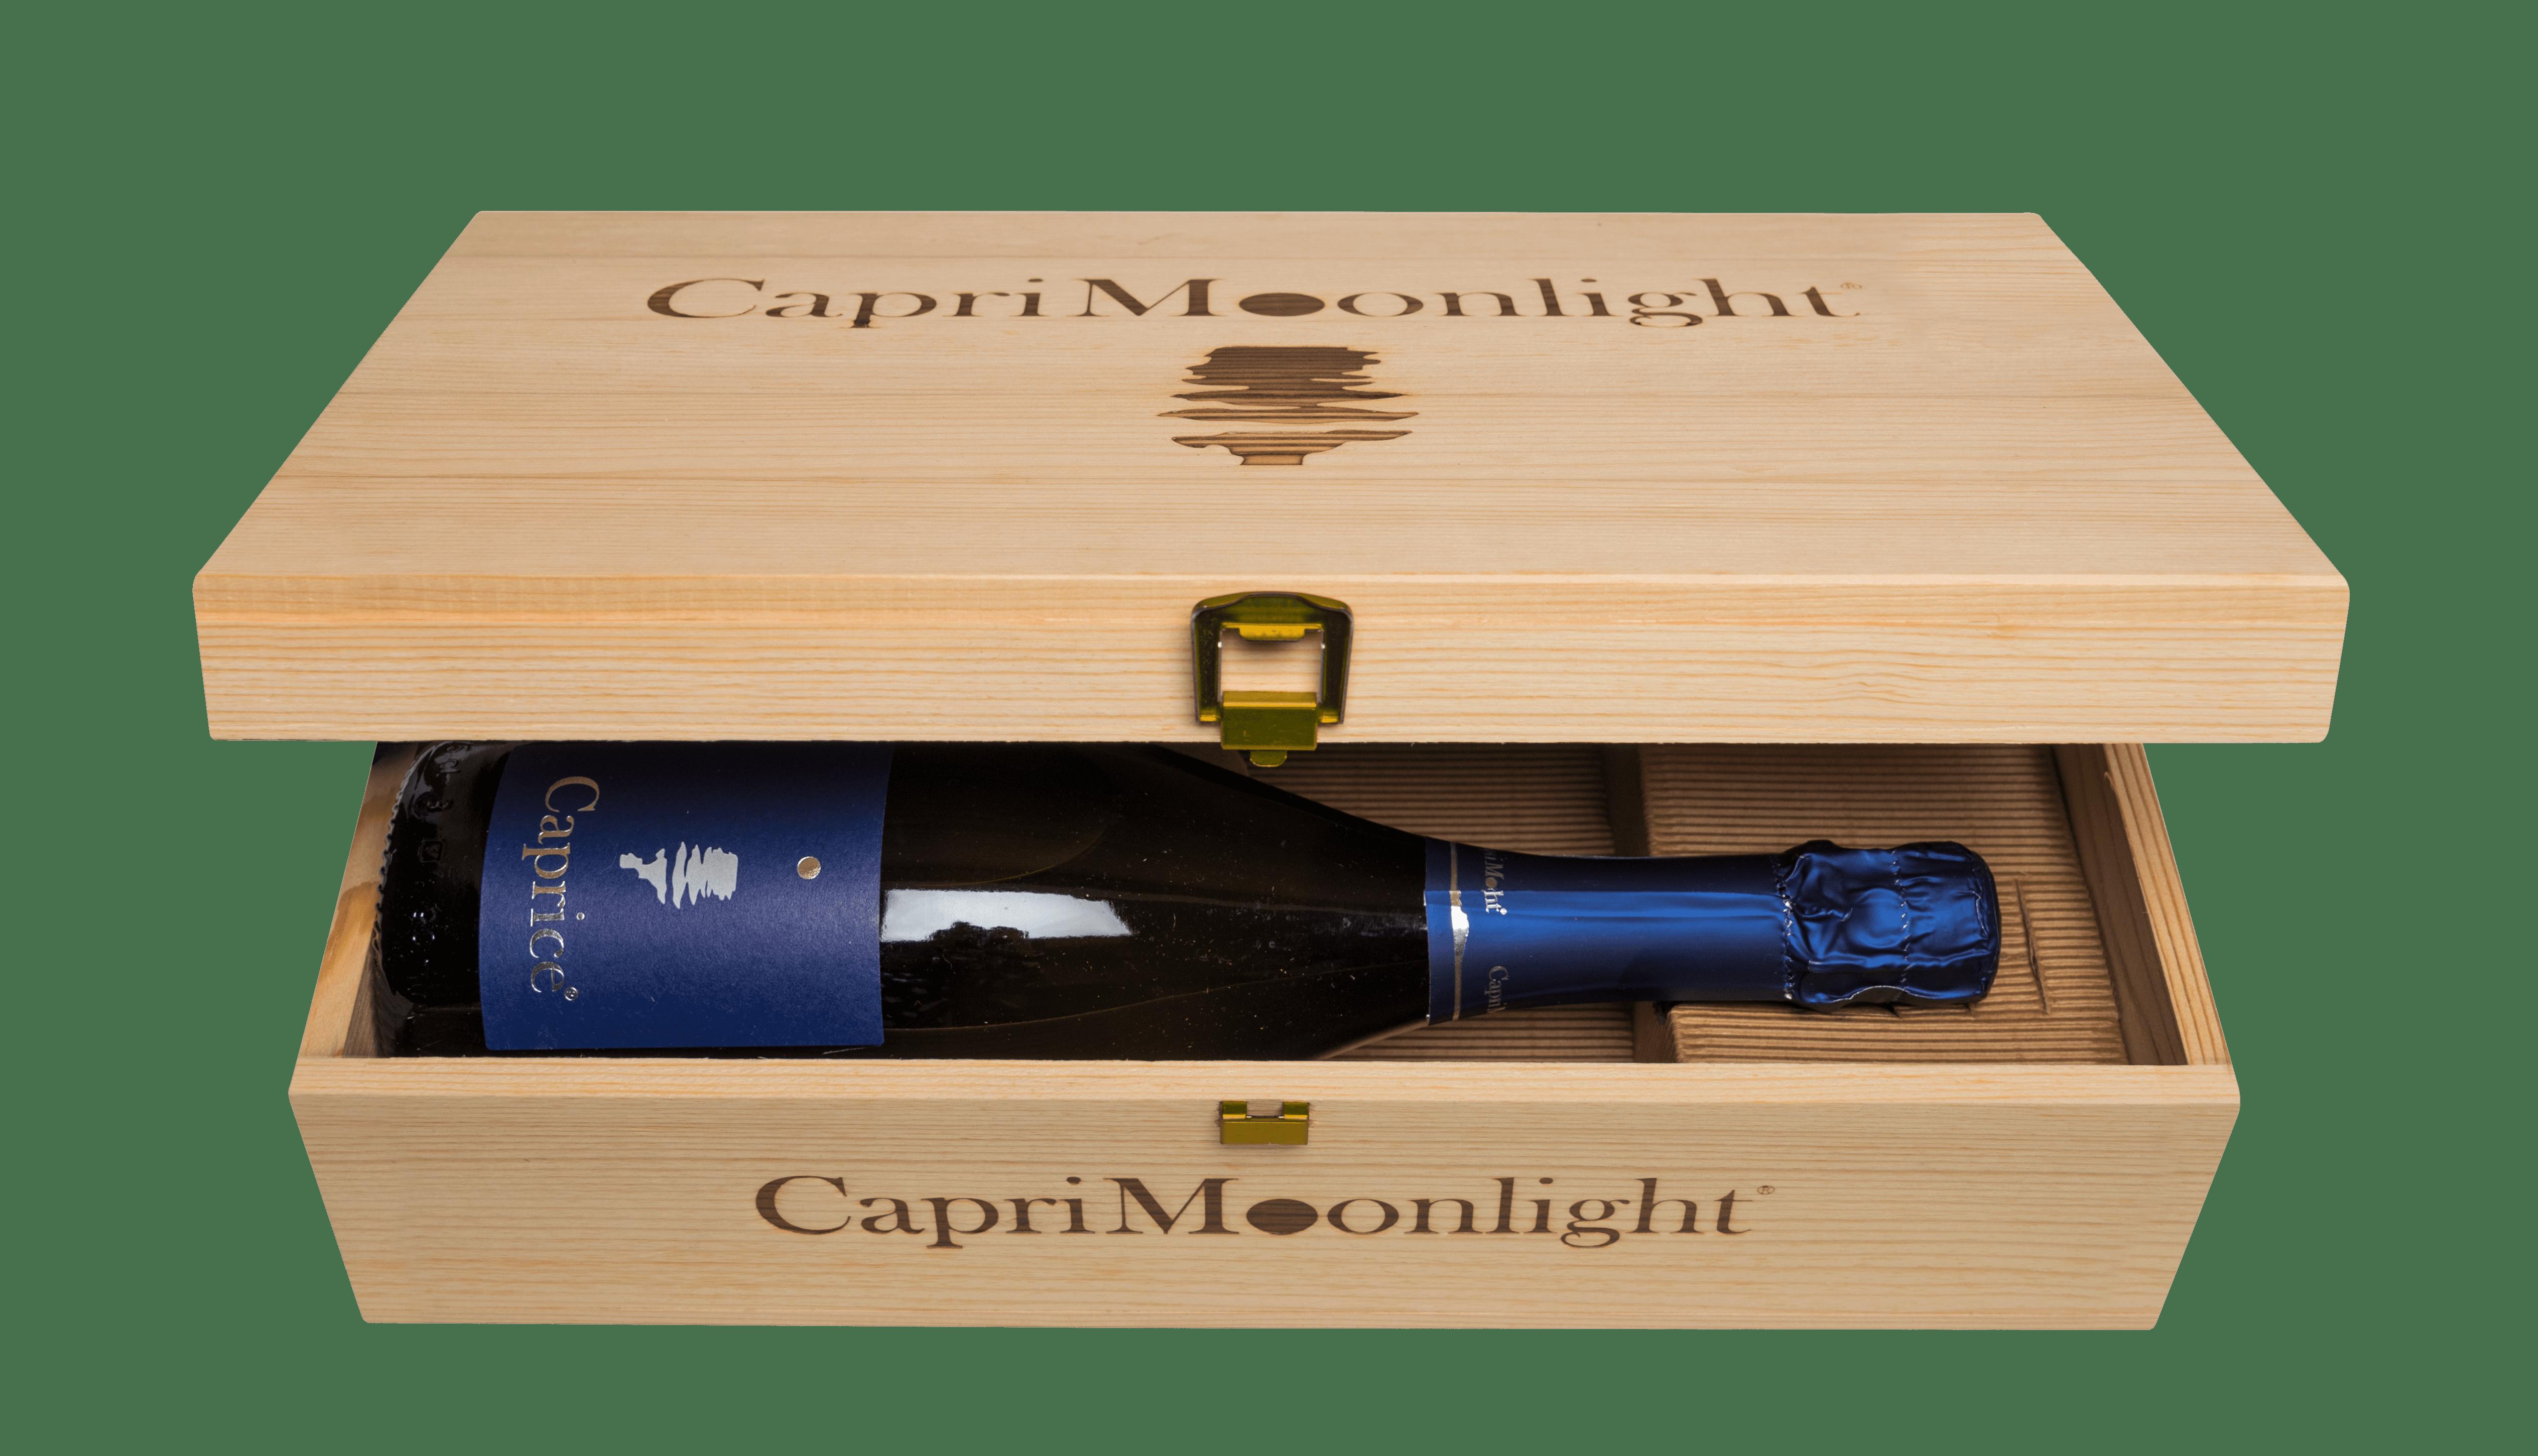 Confezione legno Caprice brut Capri Moonlight